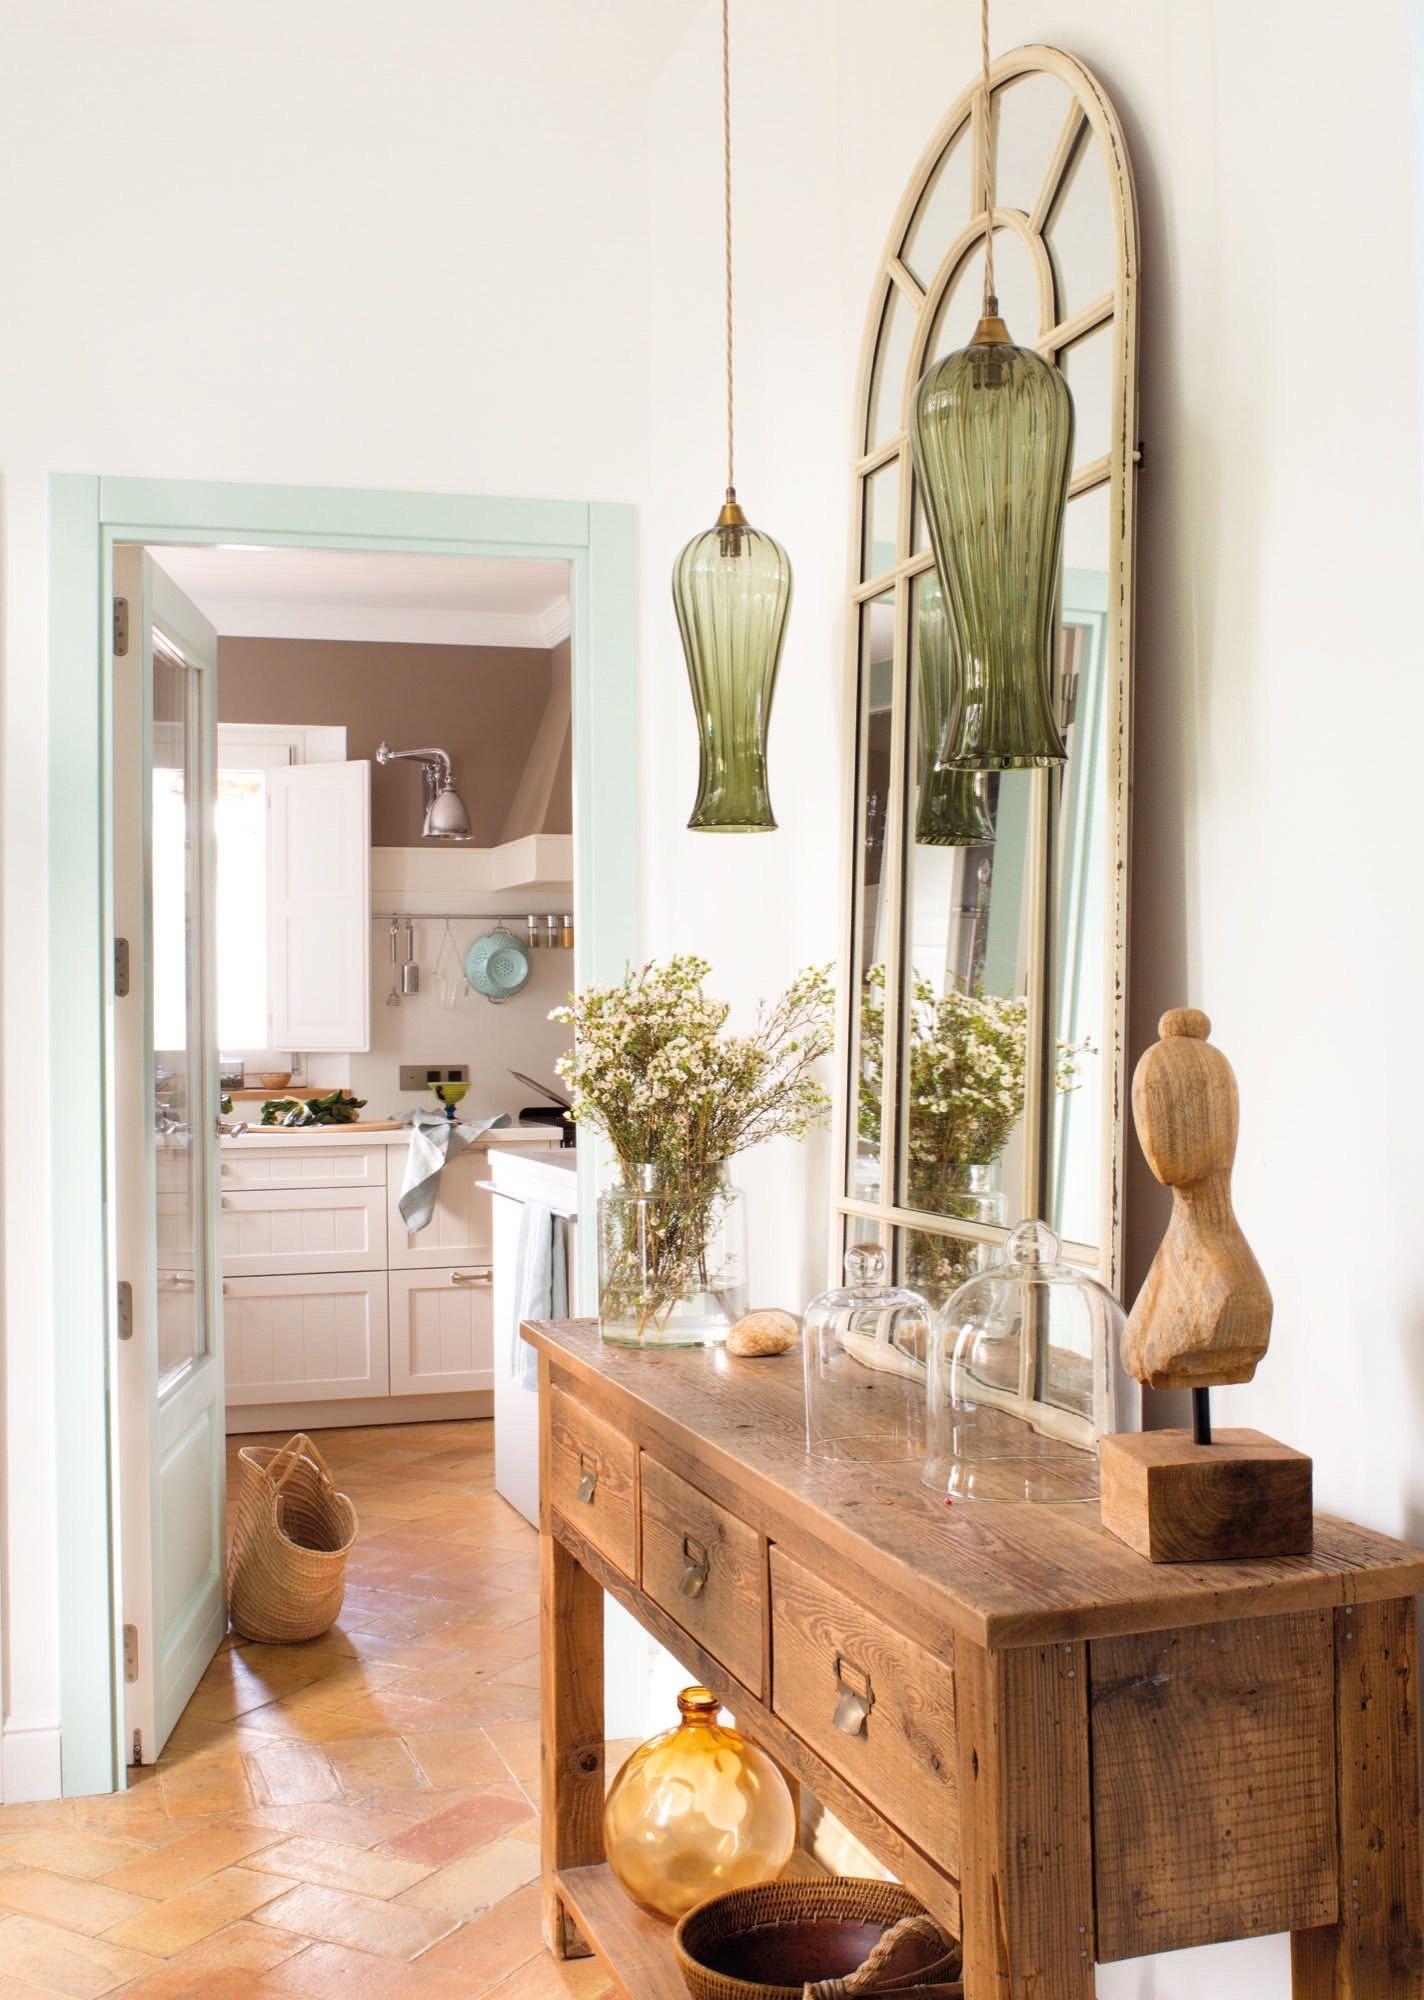 Recibidor de estilo rustico con un gran espejo y lamparas - Espejos recibidor ikea ...